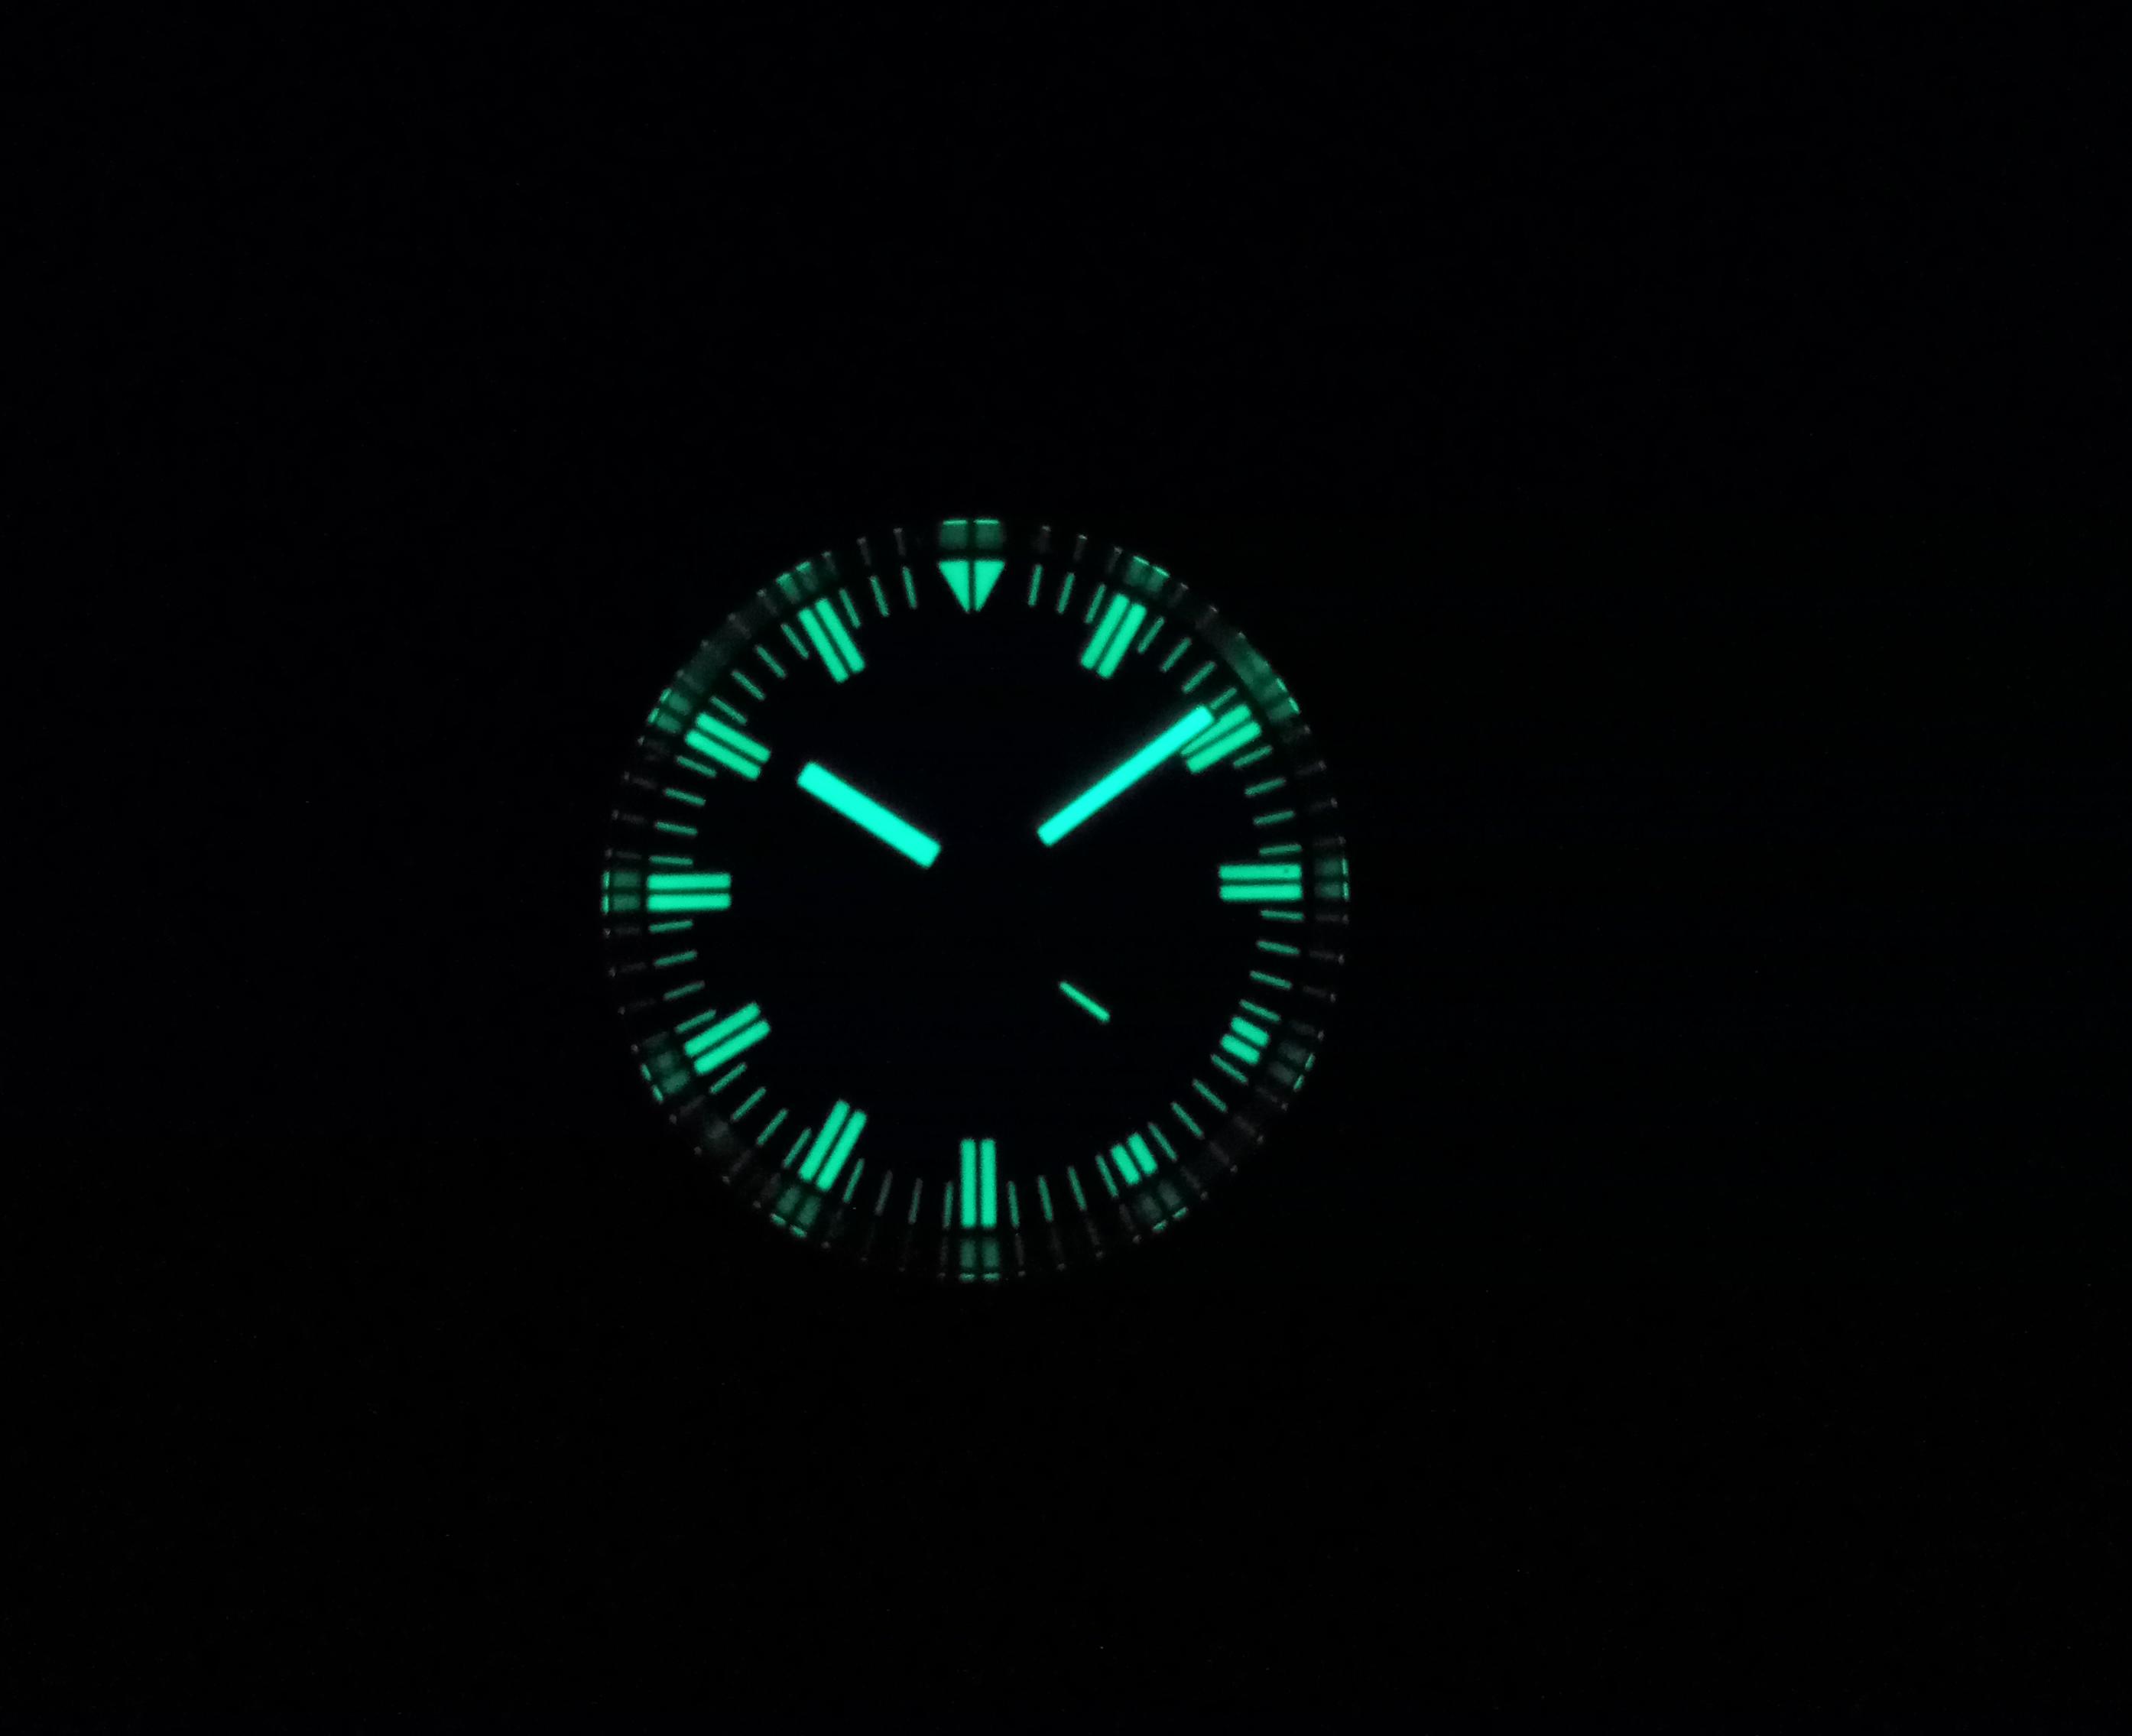 Borealis Porto Santo Automatic Diver Watch Black Dial C3 Lume Miyota 8128 Lume Shot